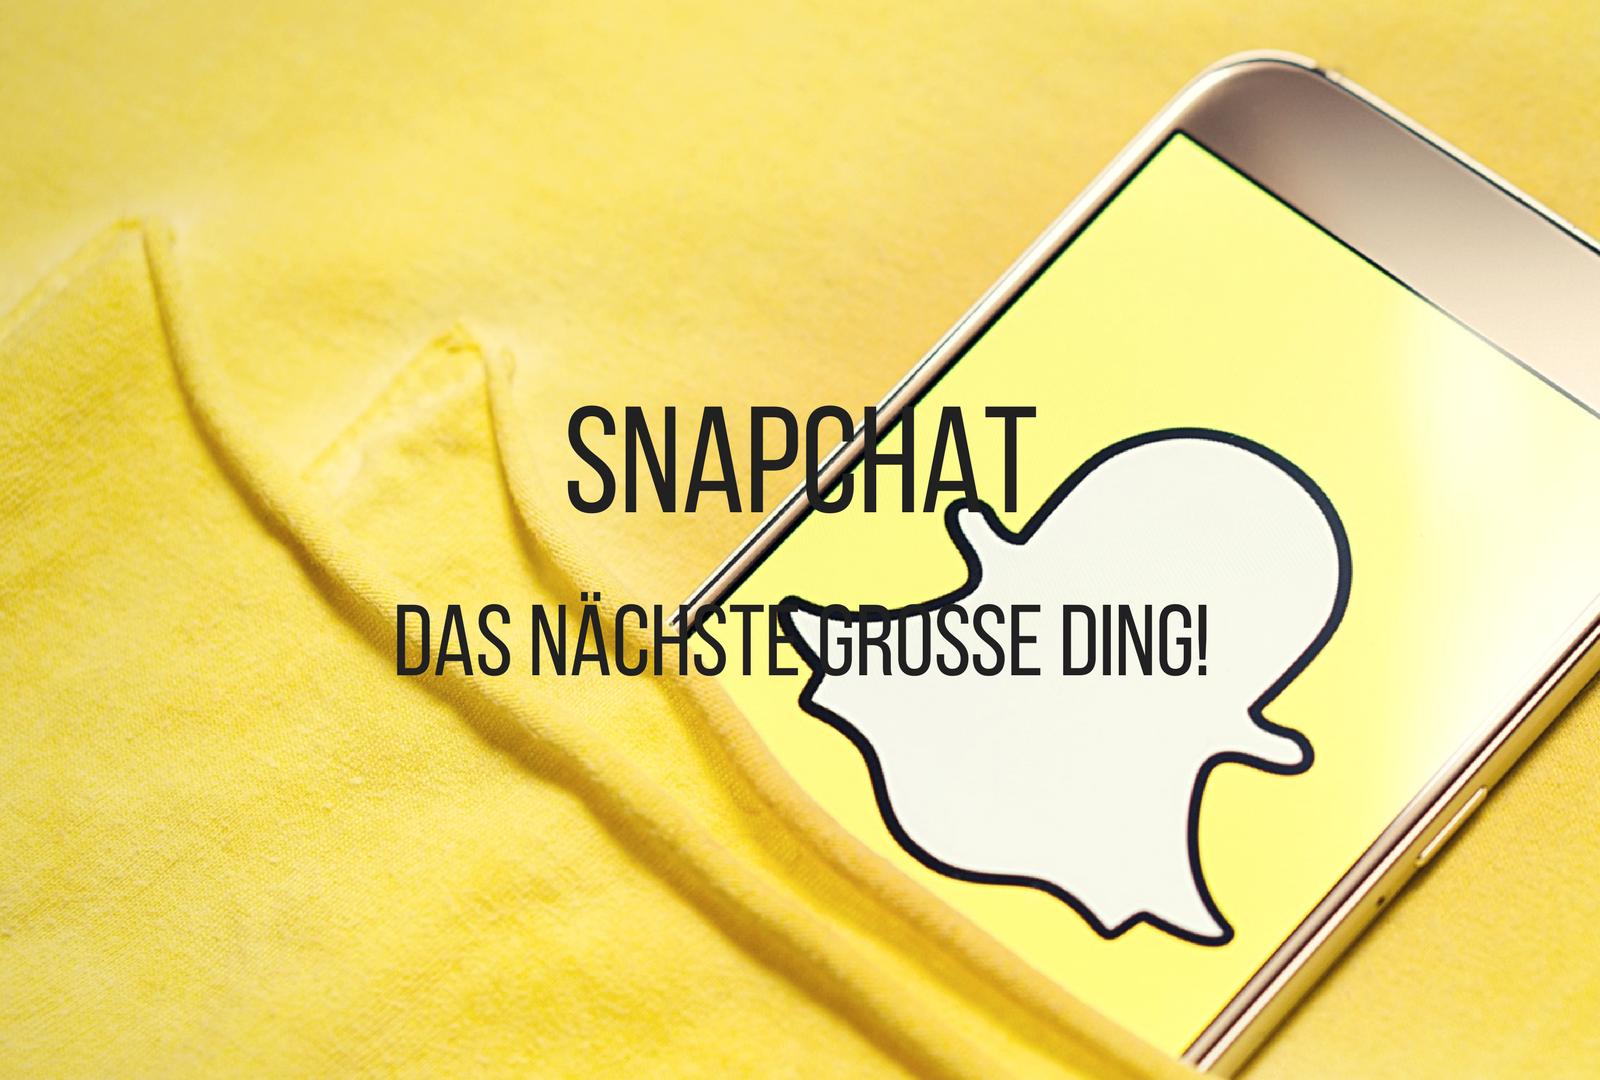 Social Media Trend - Snapchat, das nächste große Ding in Deutschland